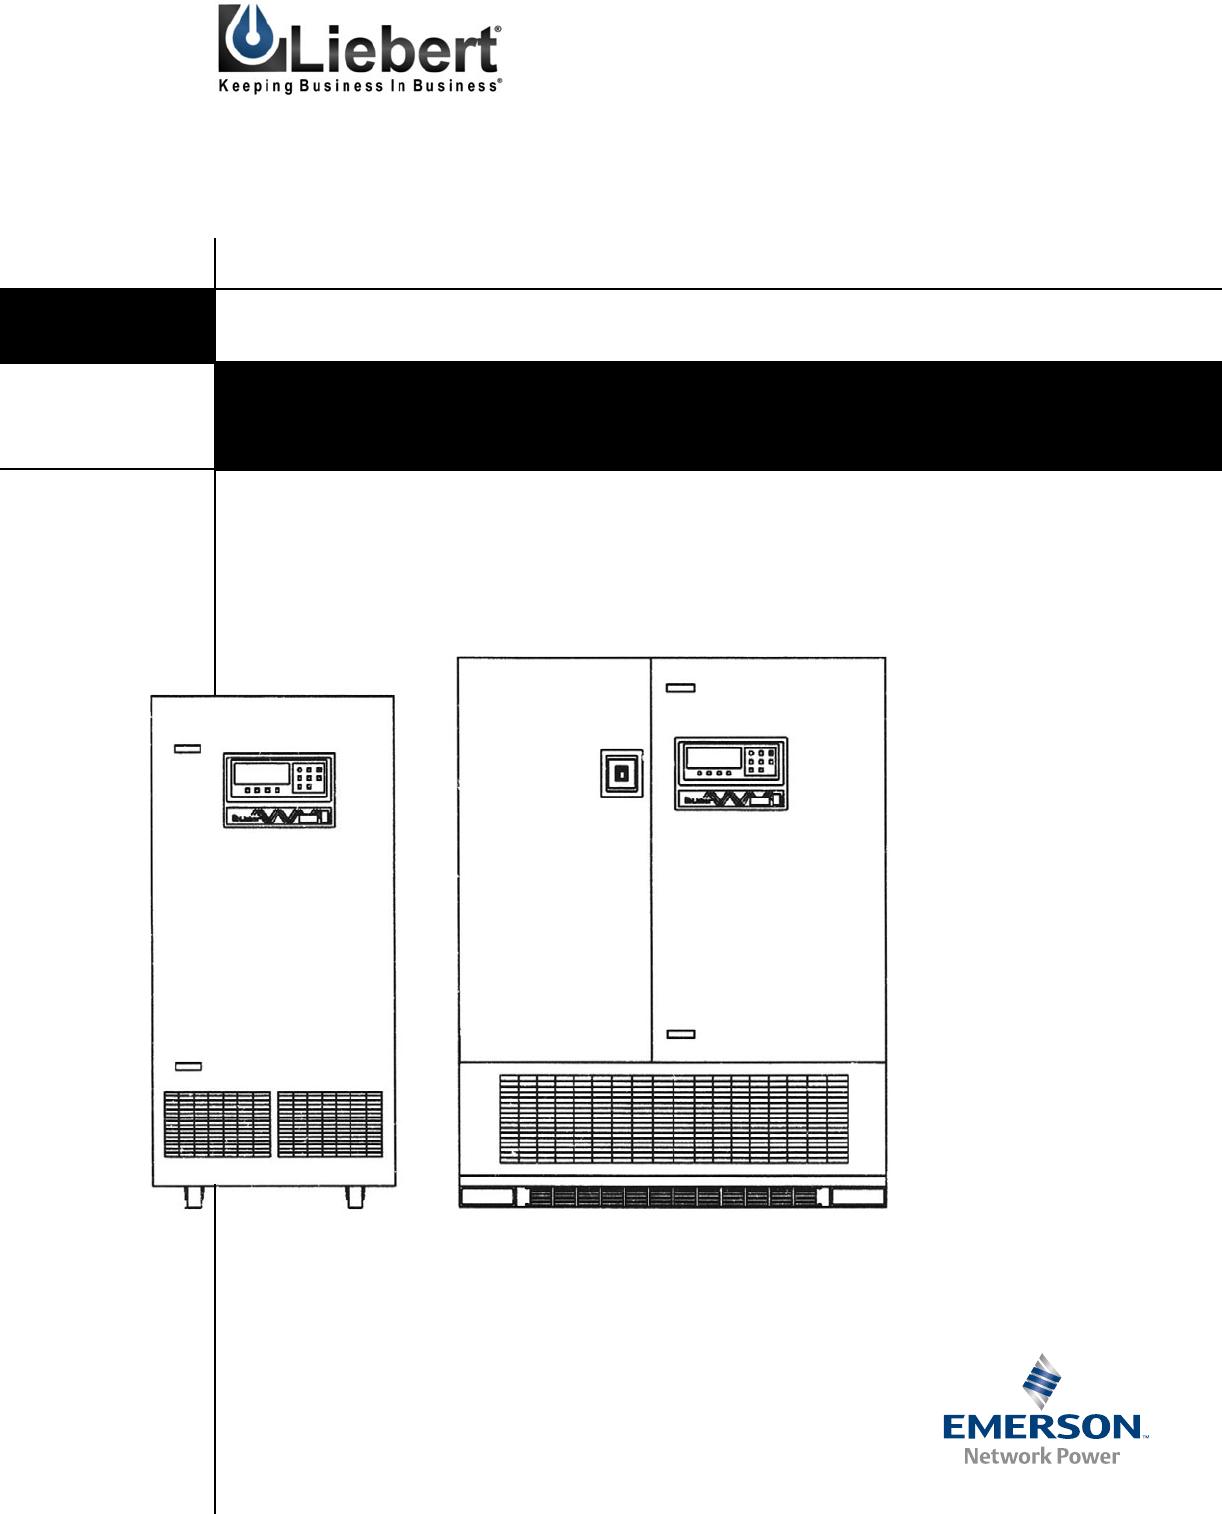 liebert nx 60 kva ups user manual